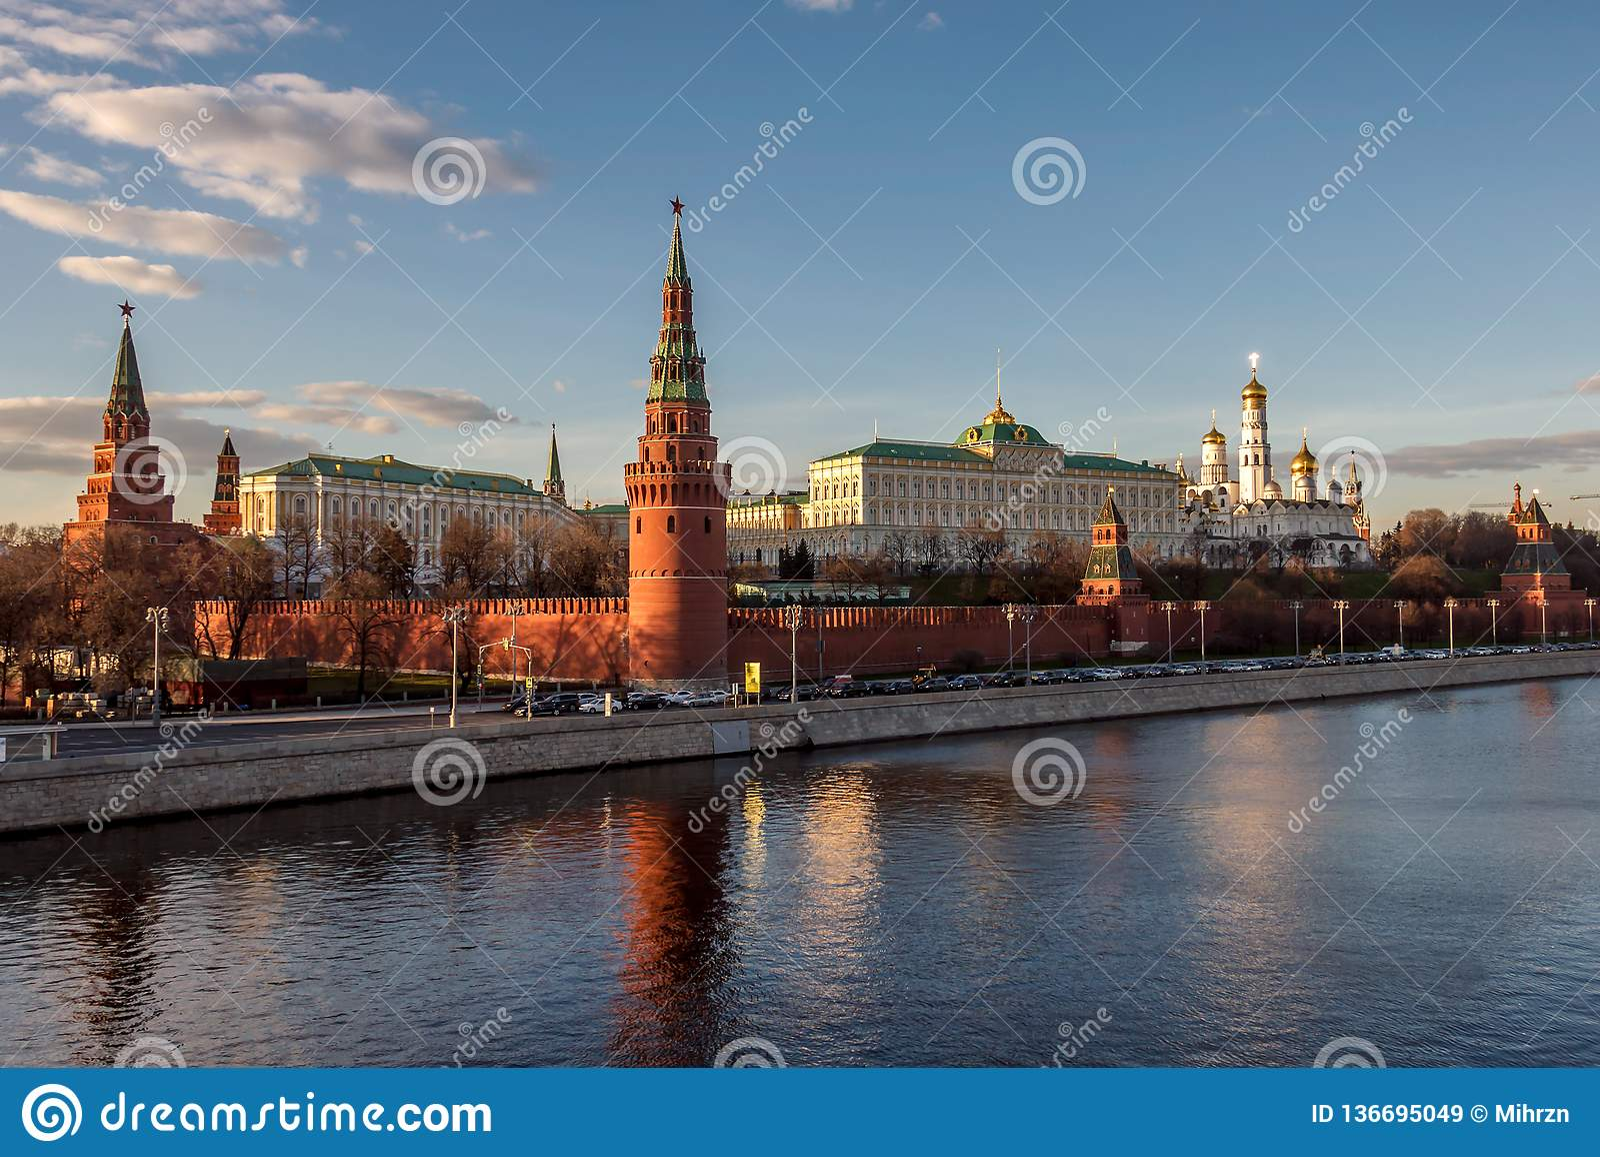 De de Grote Paleizen en Kerken van Moskou het Kremlin van de rivier van Moskou bij zonsondergang